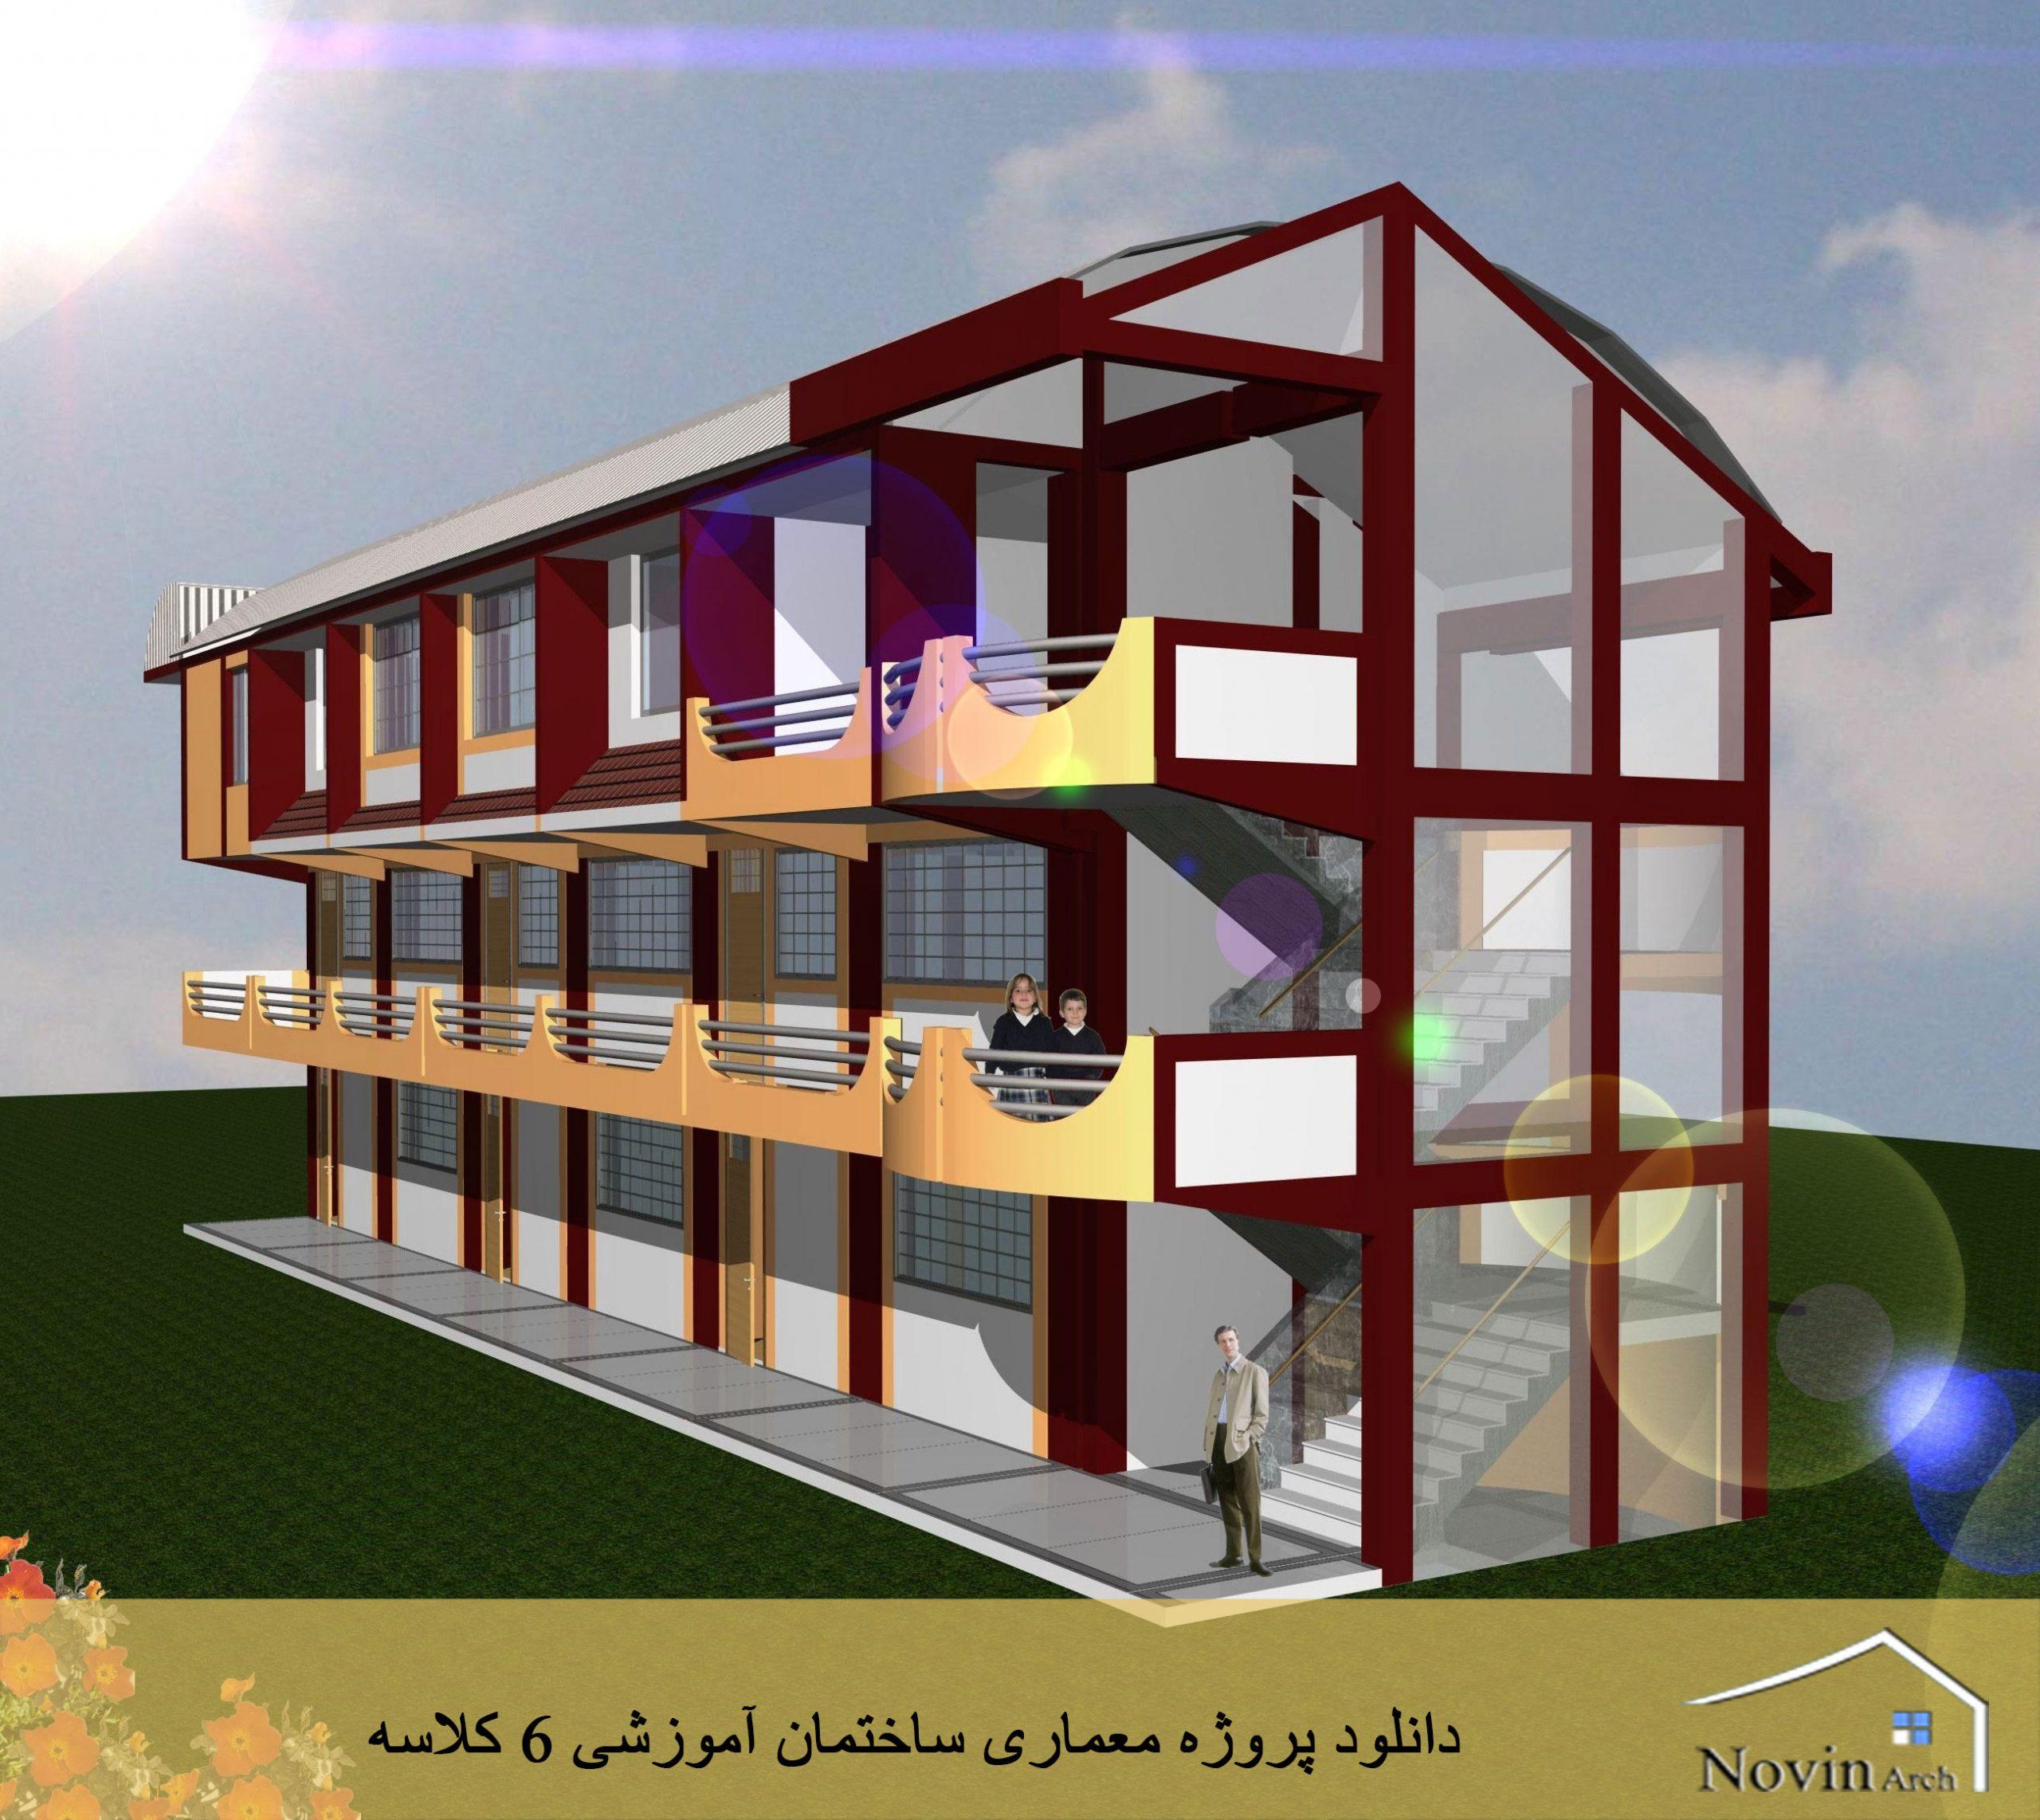 دانلود پروژه معماری ساختمان آموزشی 6 کلاسه